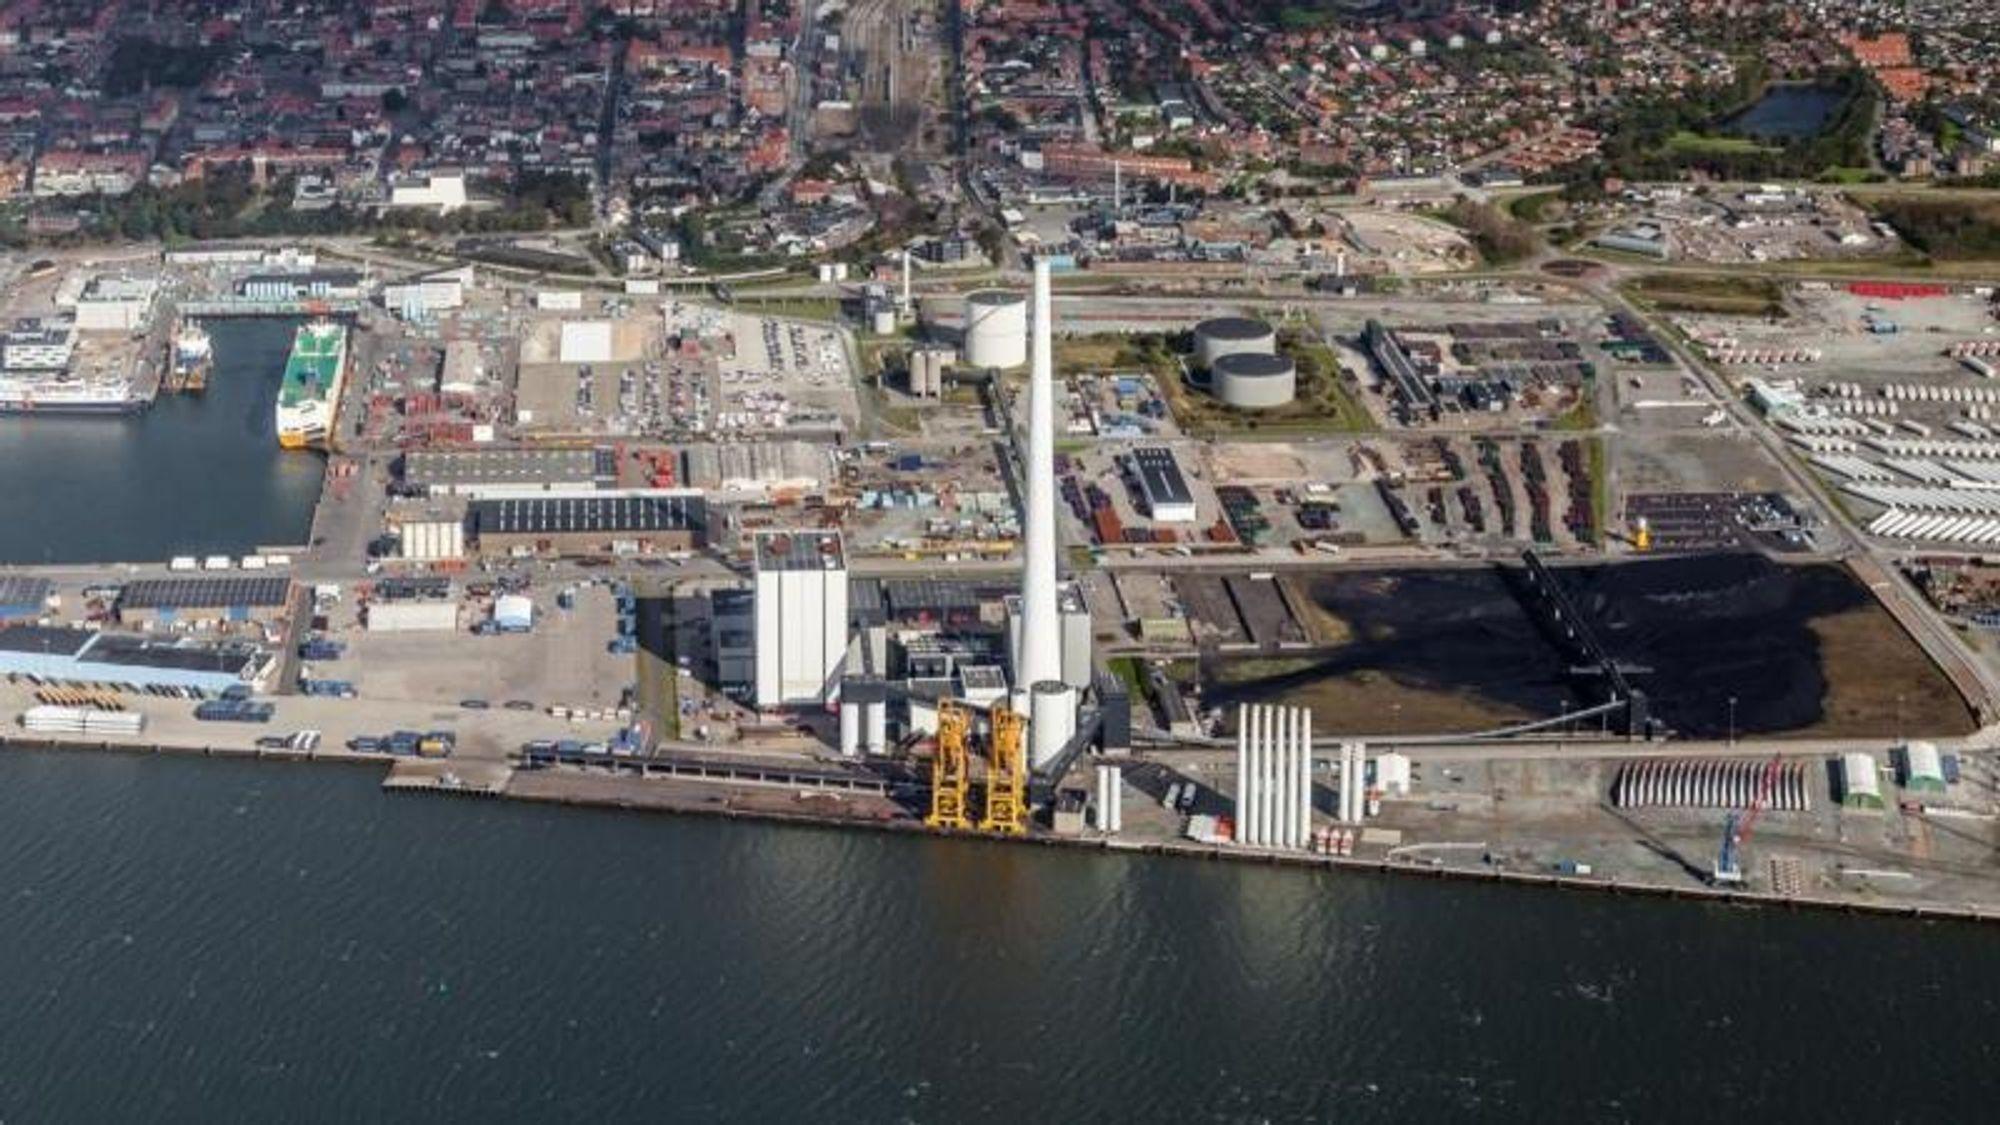 Den danske fjernvarmebansjen frykter konsekvensene av et lovforslag om å fjerne plikten til å bruke fjernvarme. På bildet ser vi Ørsteds fjernvarmeanlegg i Esbjerg, Esbjergverk.